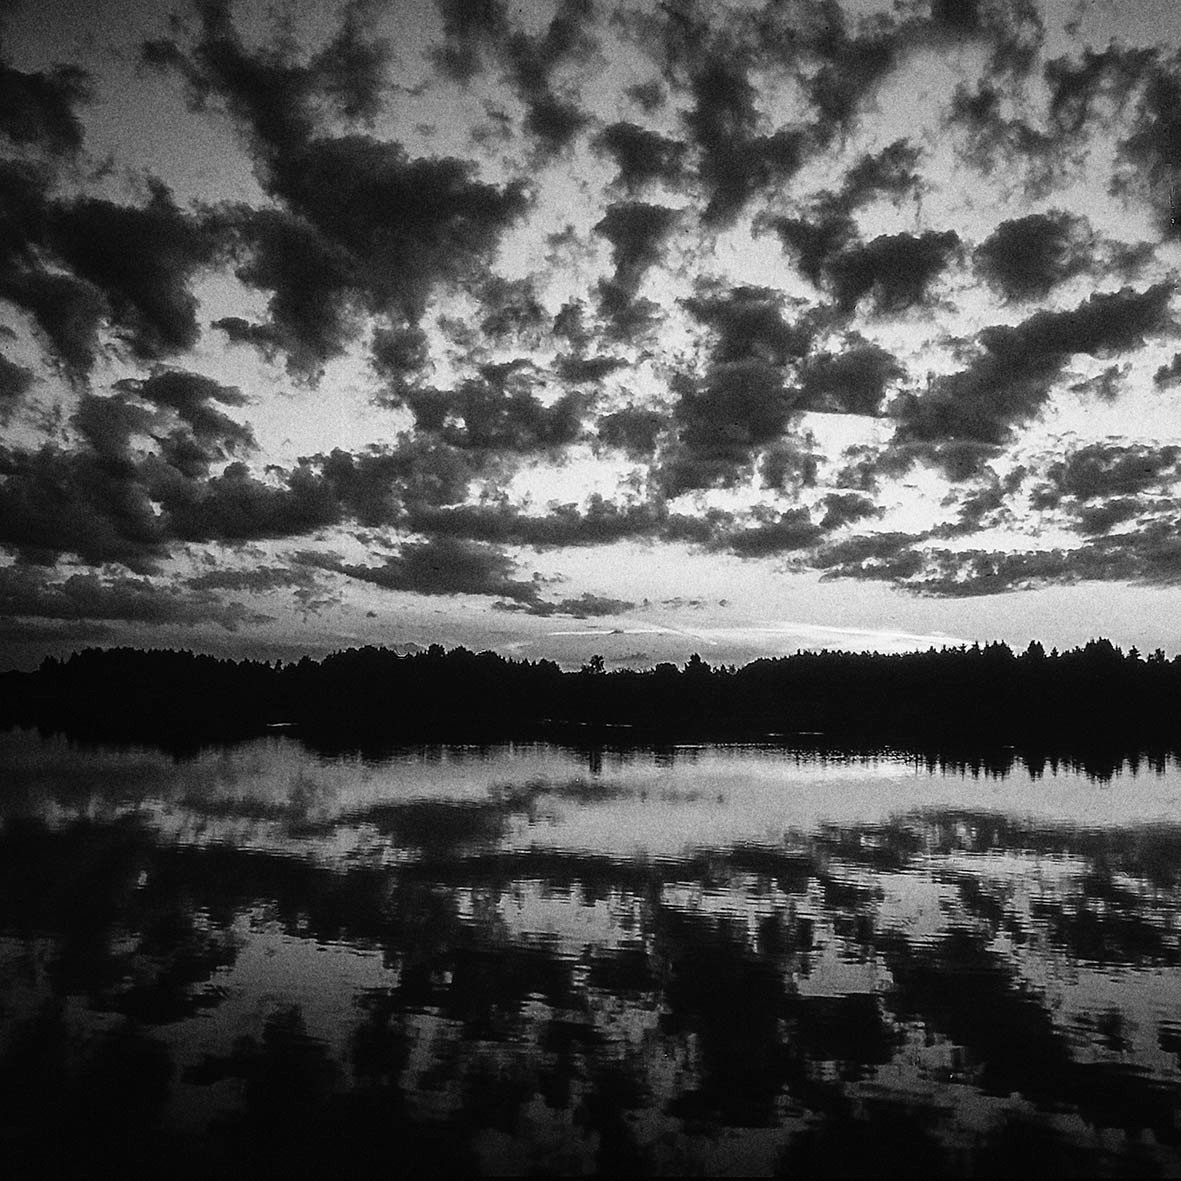 Sonnenuntergang mit Wolken, Teichwanderweg Waldreichs/NÖ